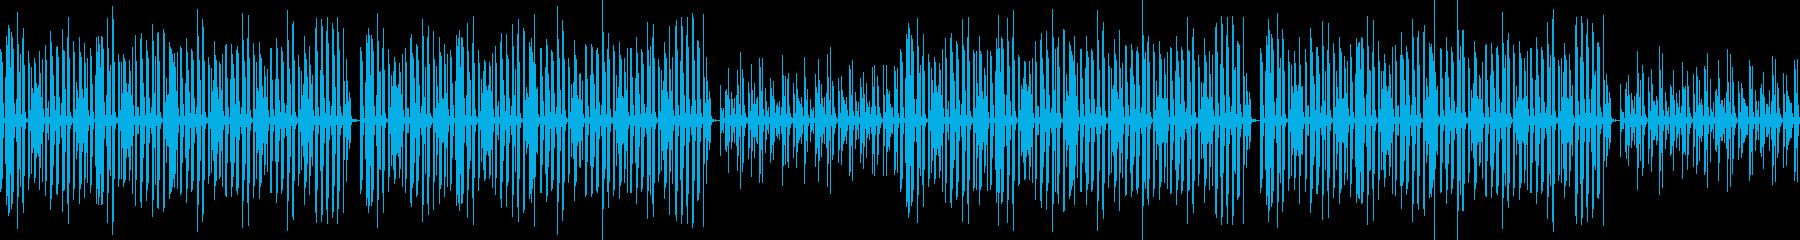 リコーダー・かわいい・コミカル・脱力系の再生済みの波形